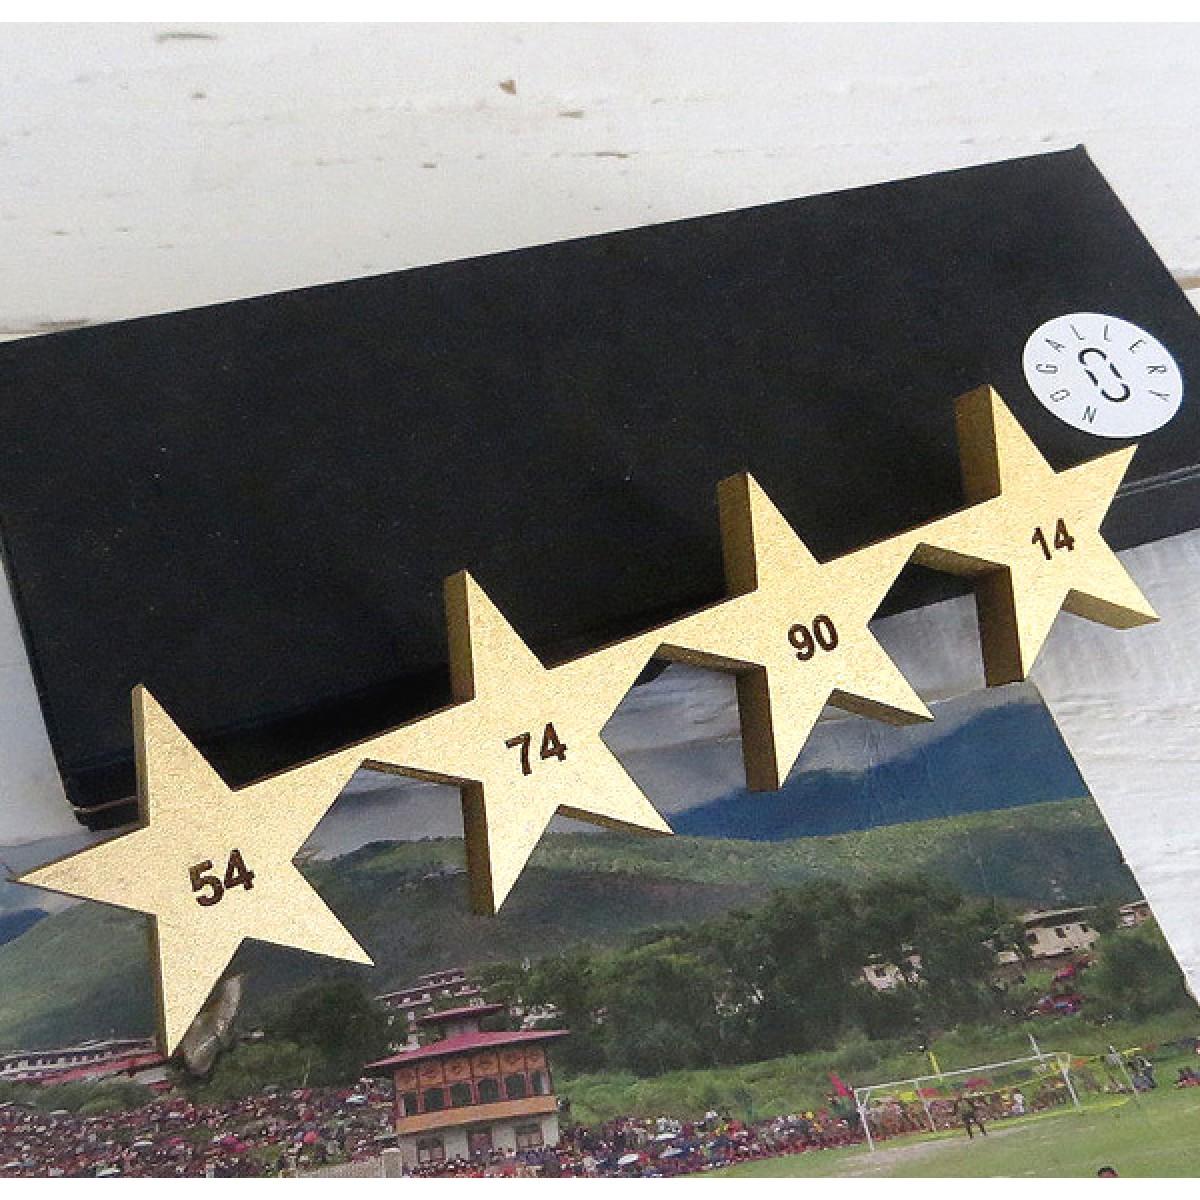 NOGALLERY 4 Sterne in 3D mit Gravur